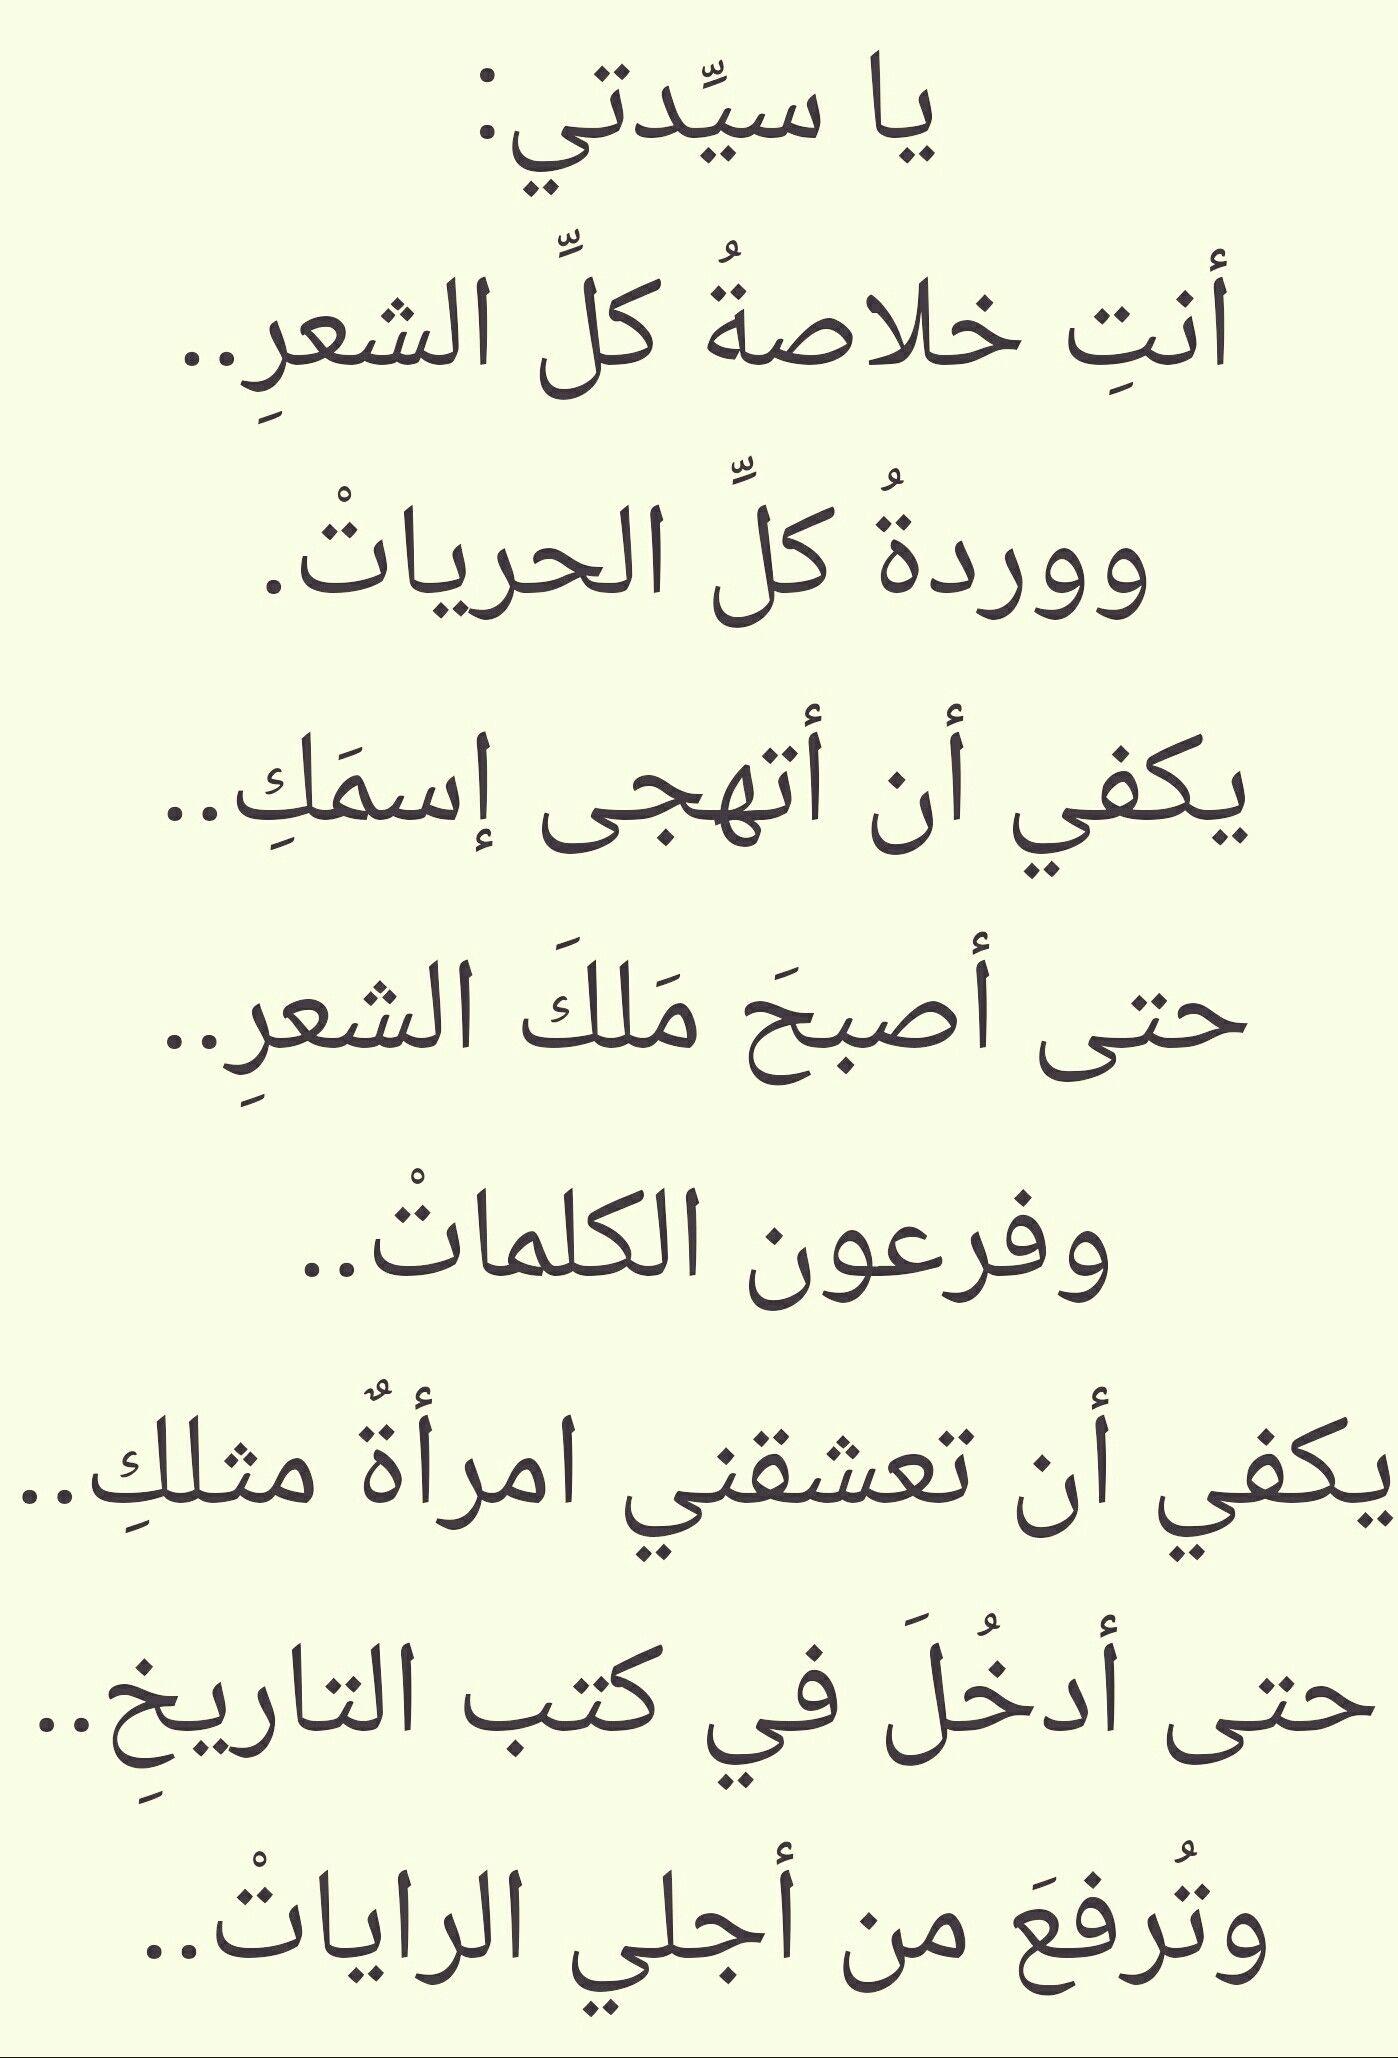 بالصور قصائد حب عربية , اجمل اشعار الحب العربية 4073 3